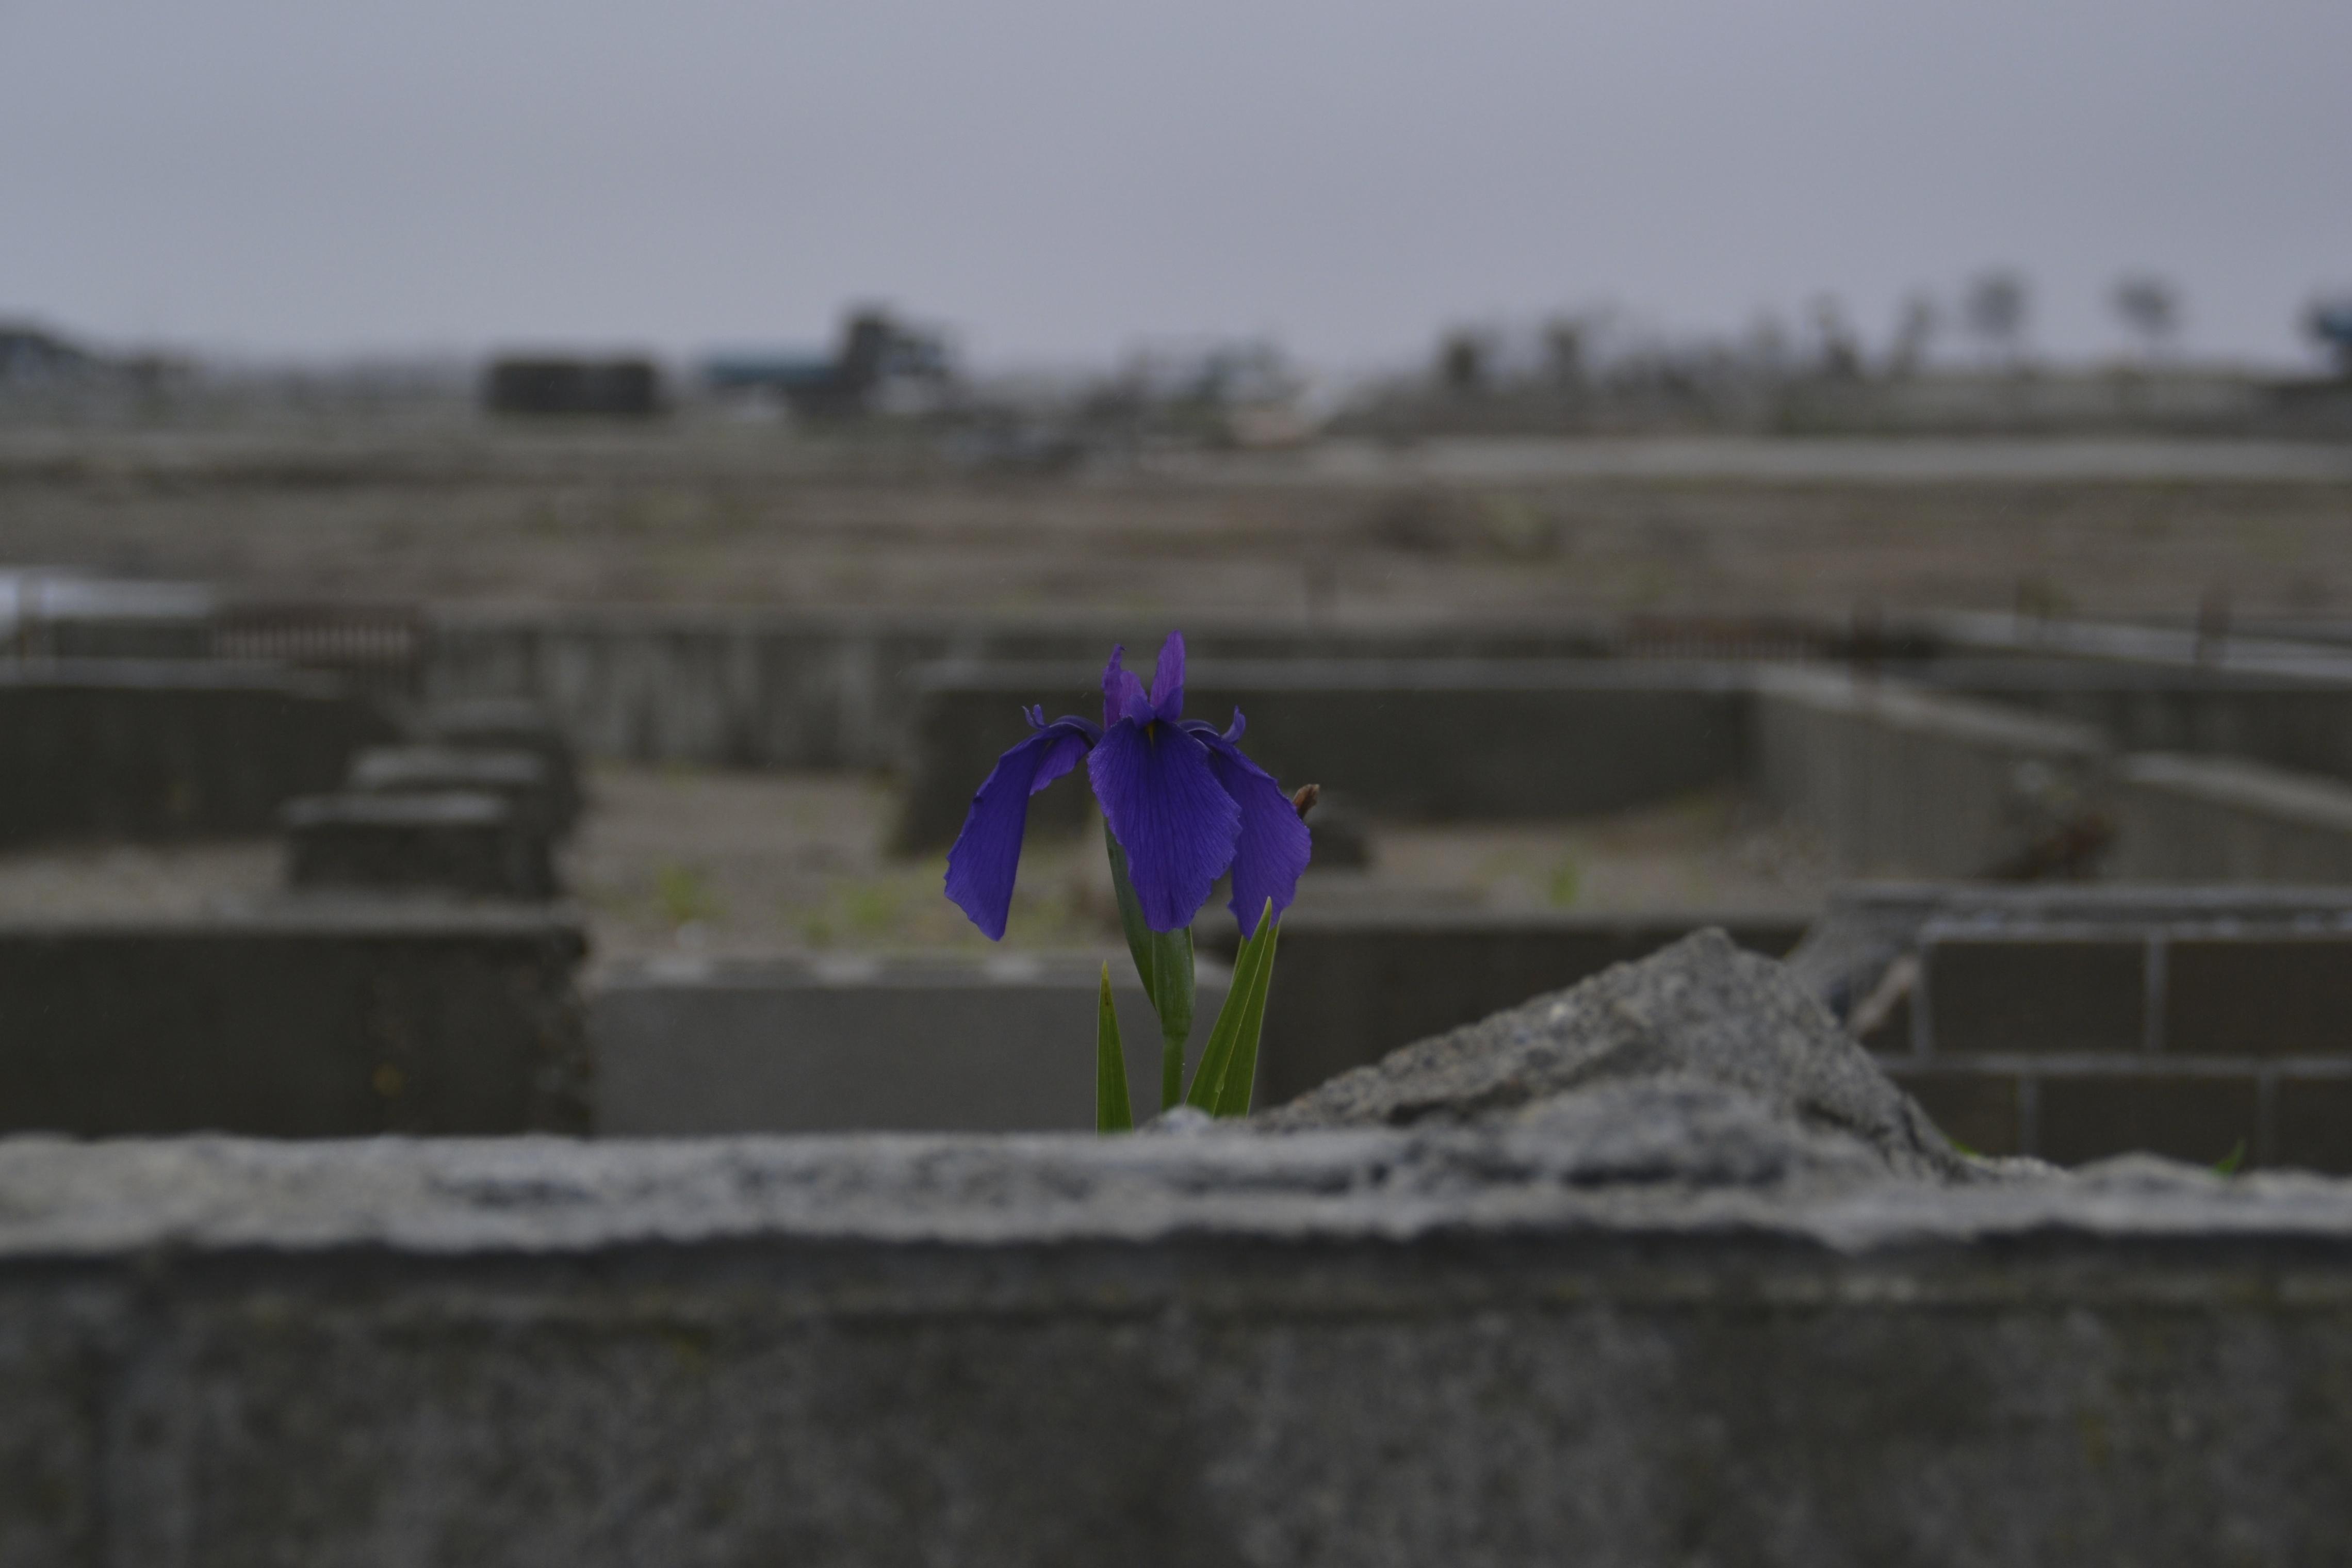 arahama one iris blooming in debris.jpg